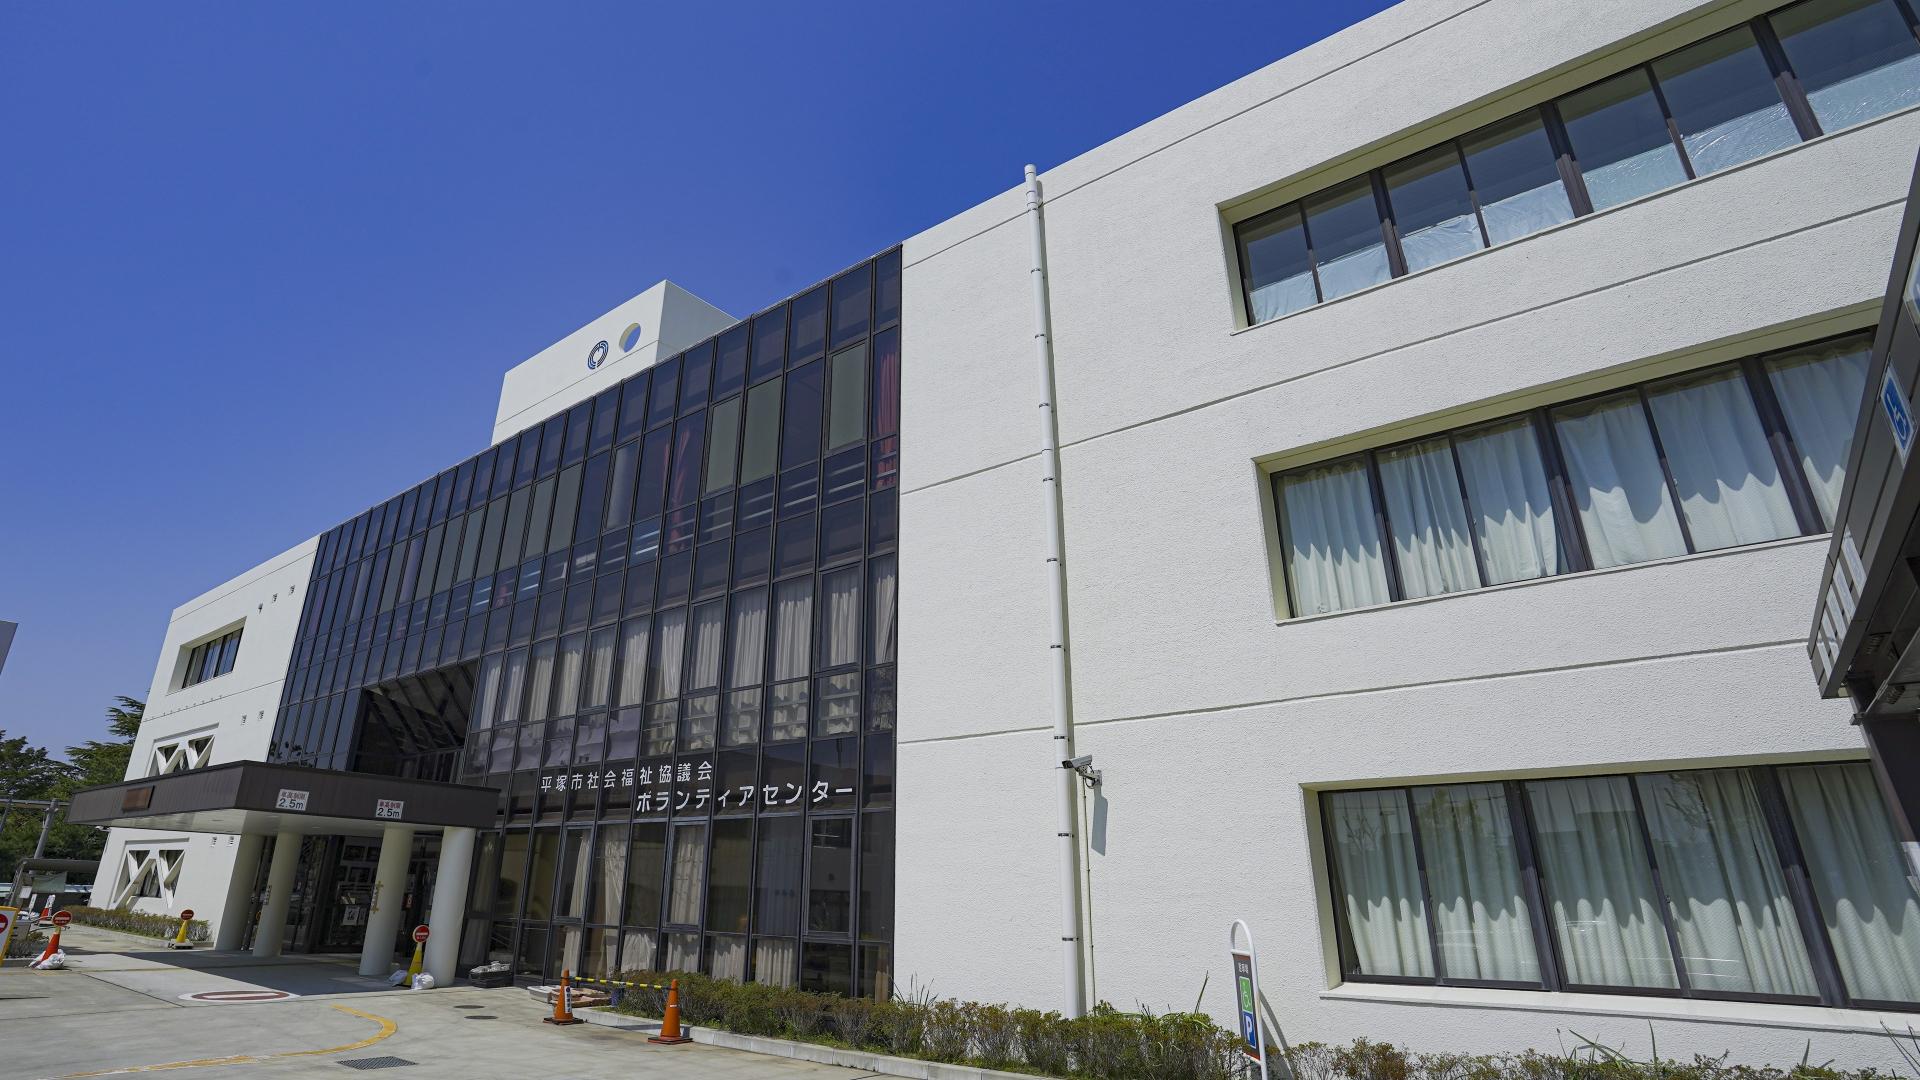 数 者 平塚 市 コロナ 感染